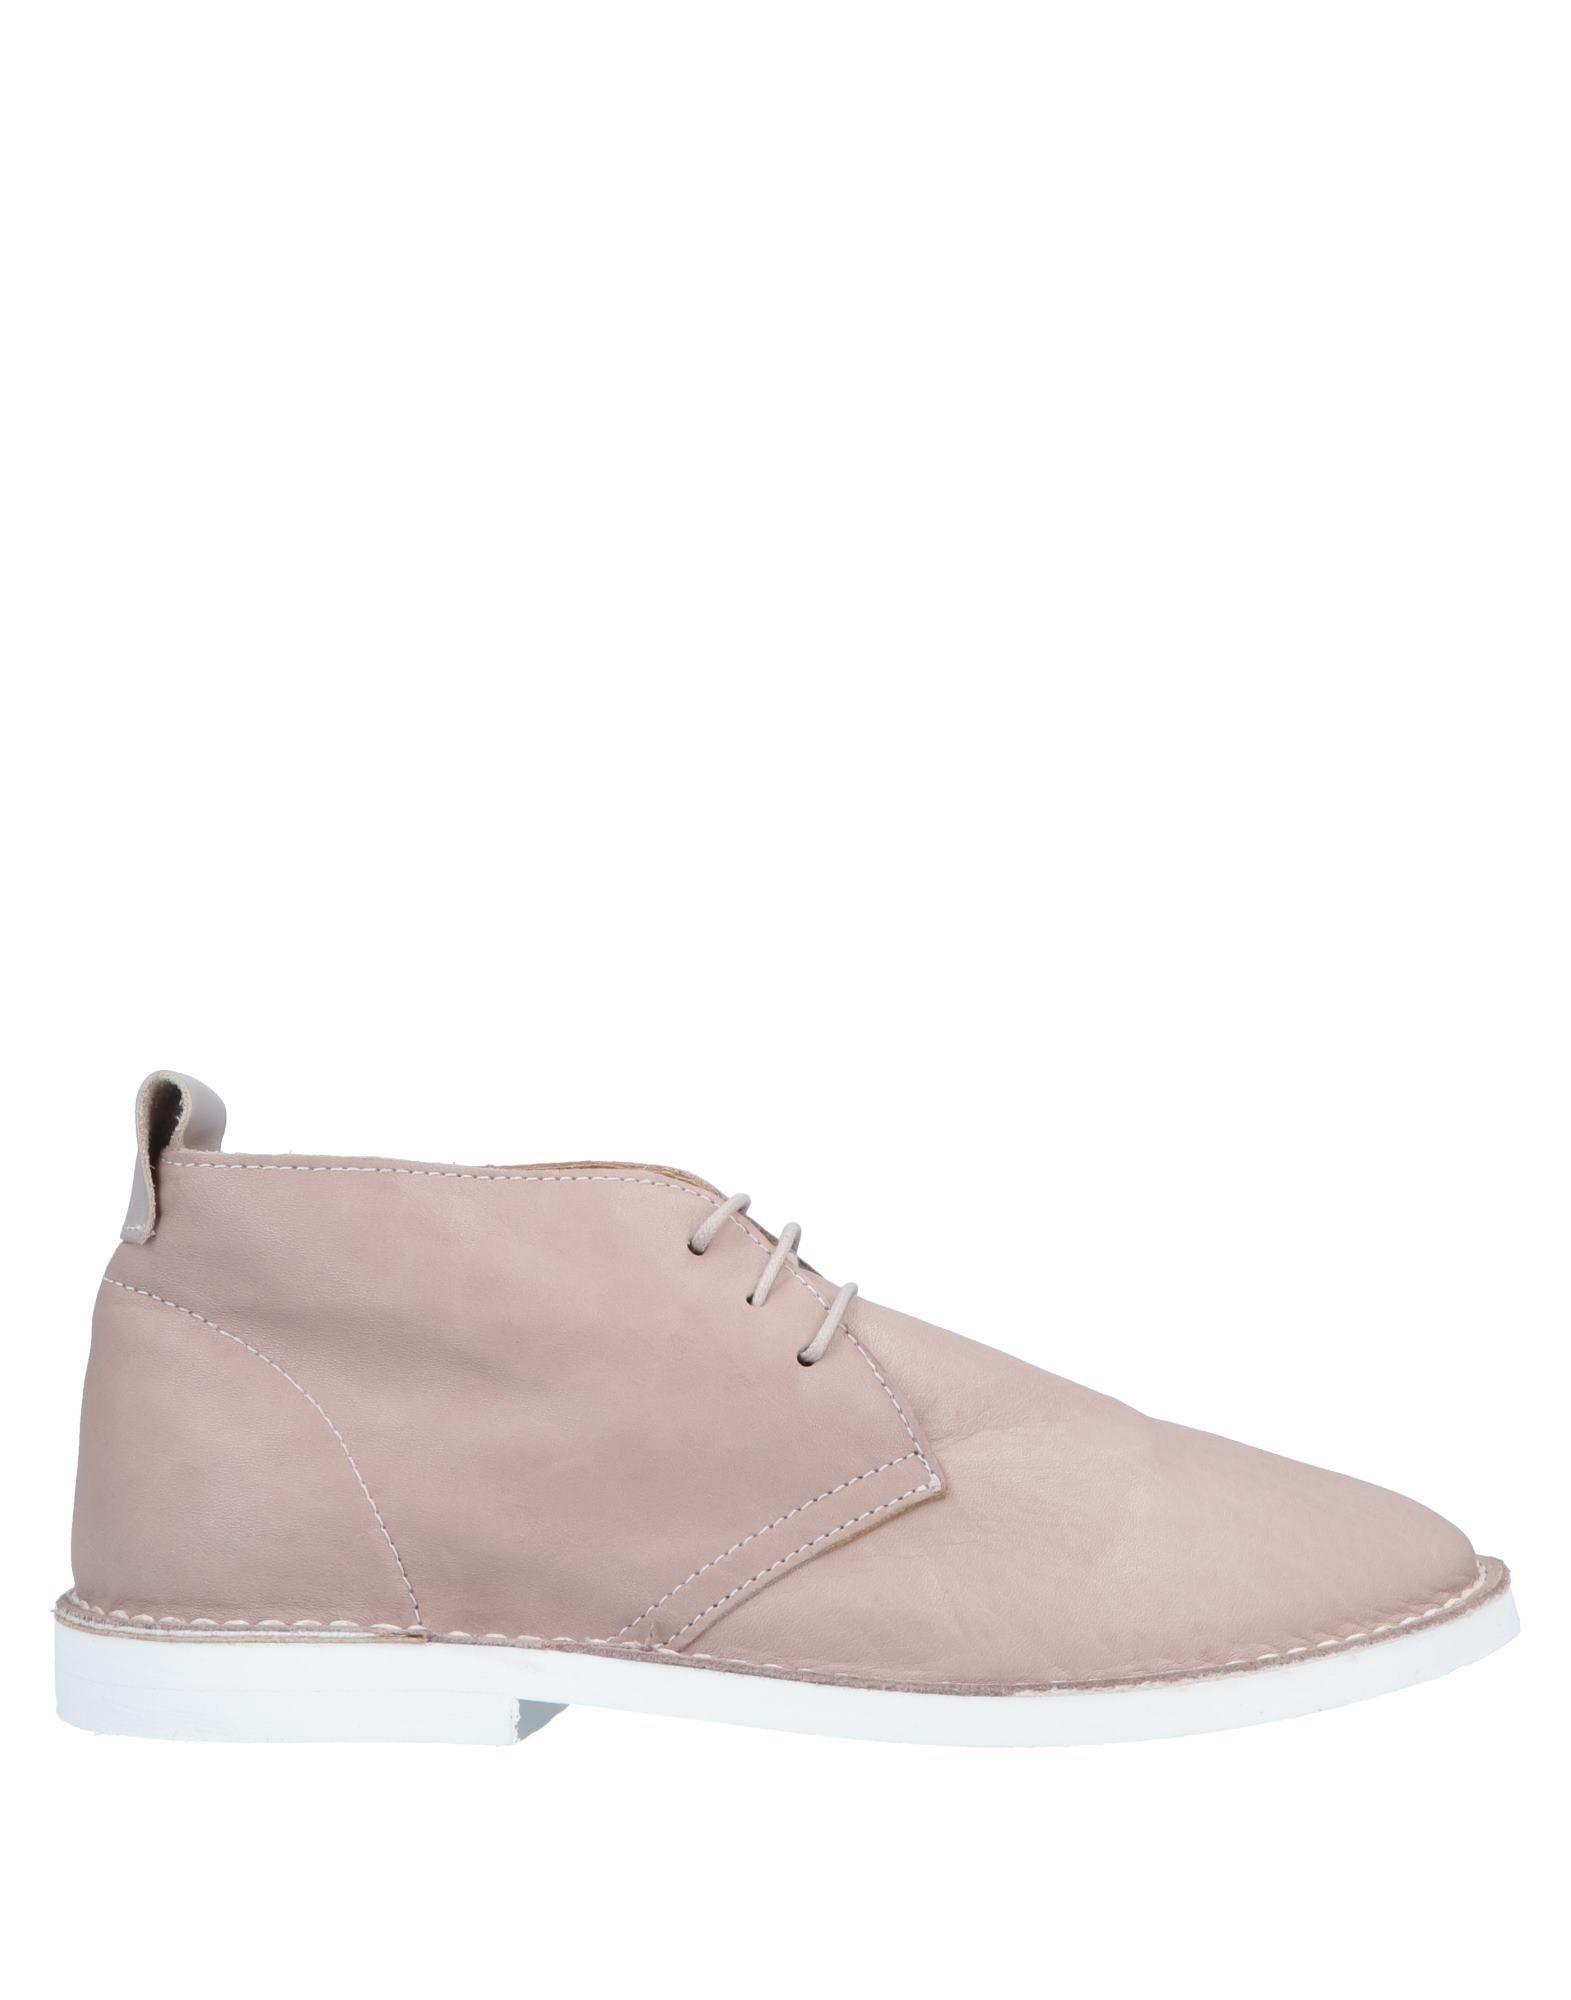 PANELLA Полусапоги и высокие ботинки